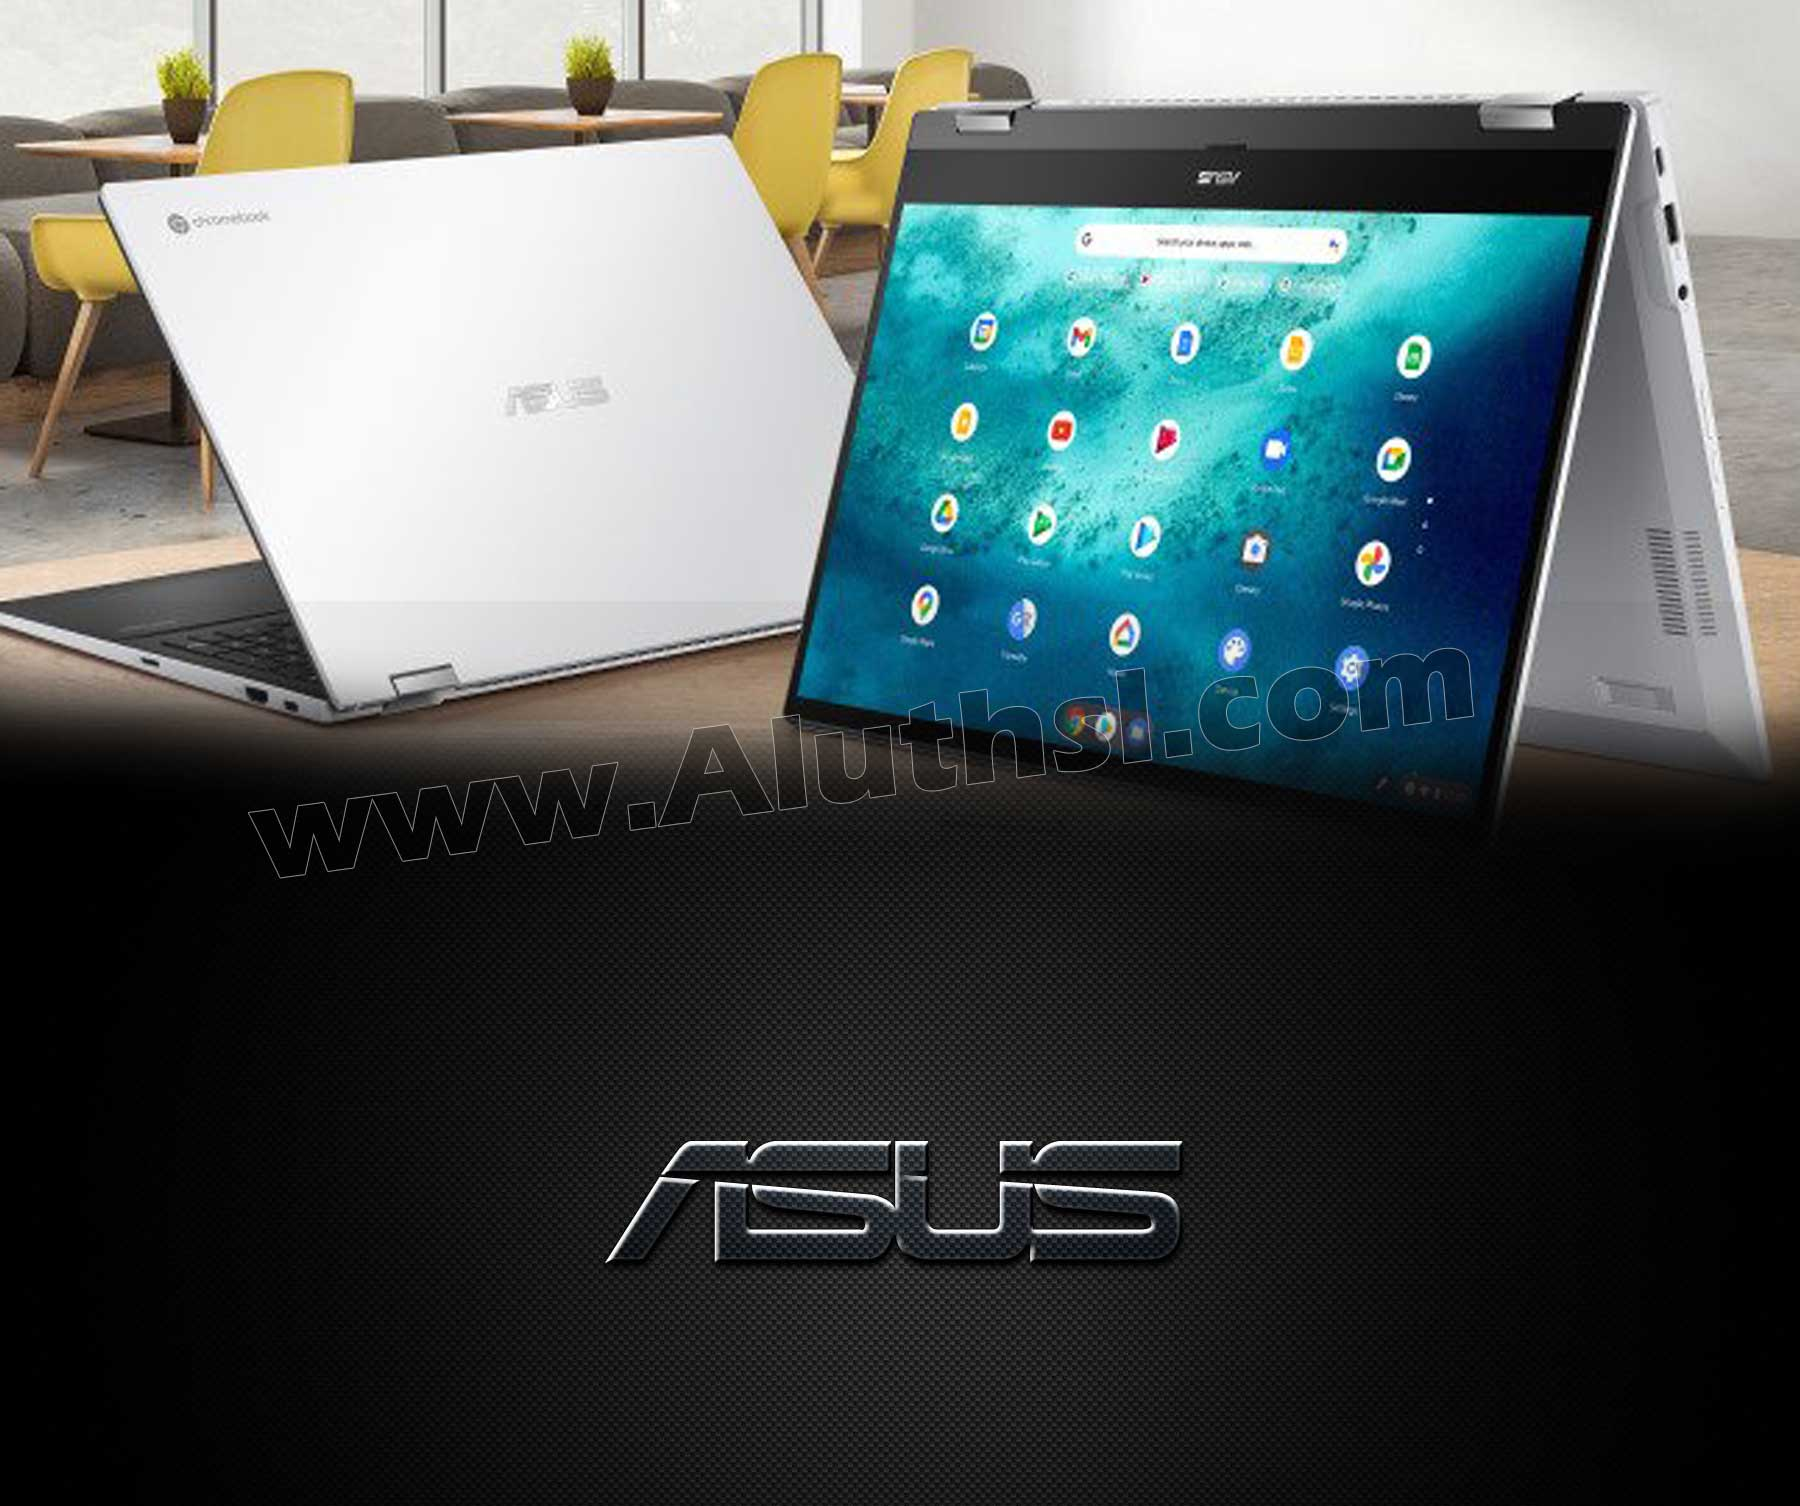 ලොව විශාලතම Chromebook එක Asus සමාගමෙන්